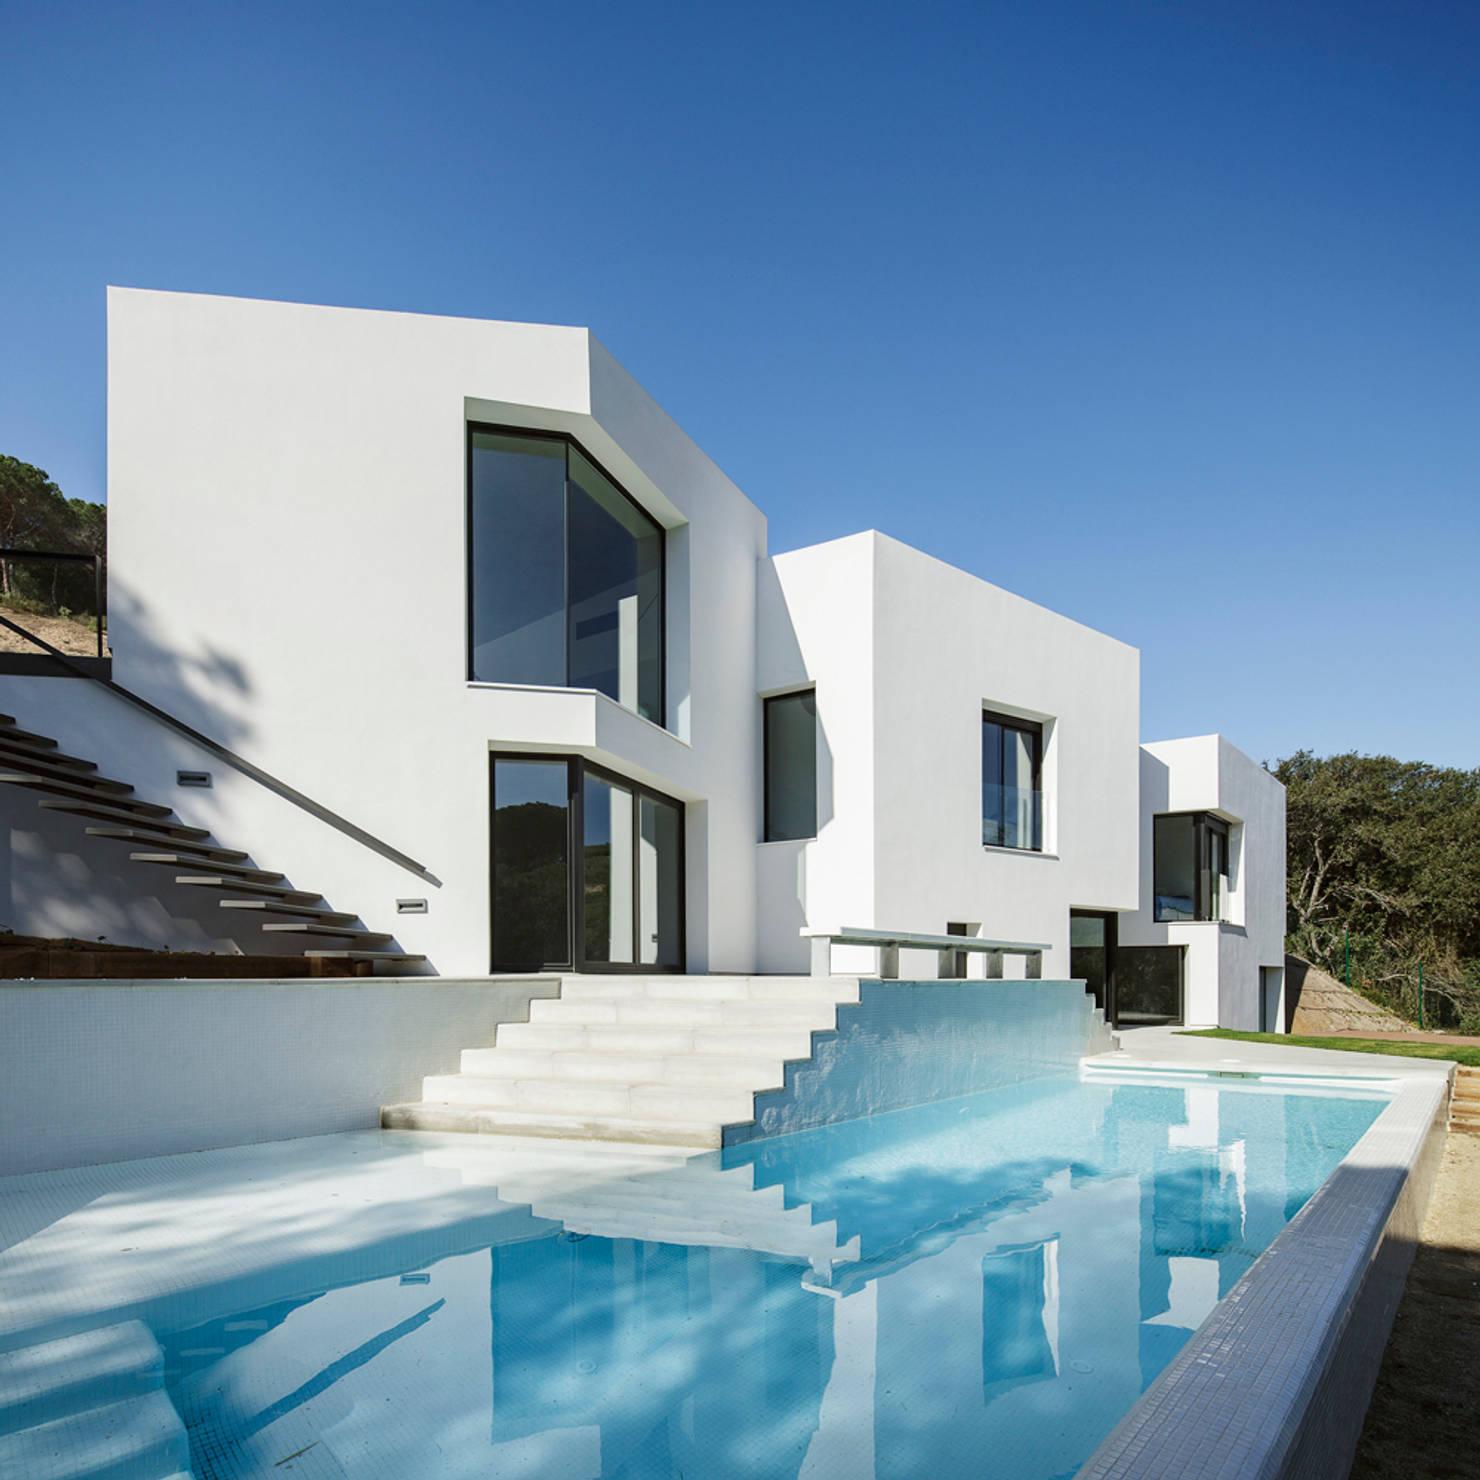 Cómo construir tu casa paso a paso